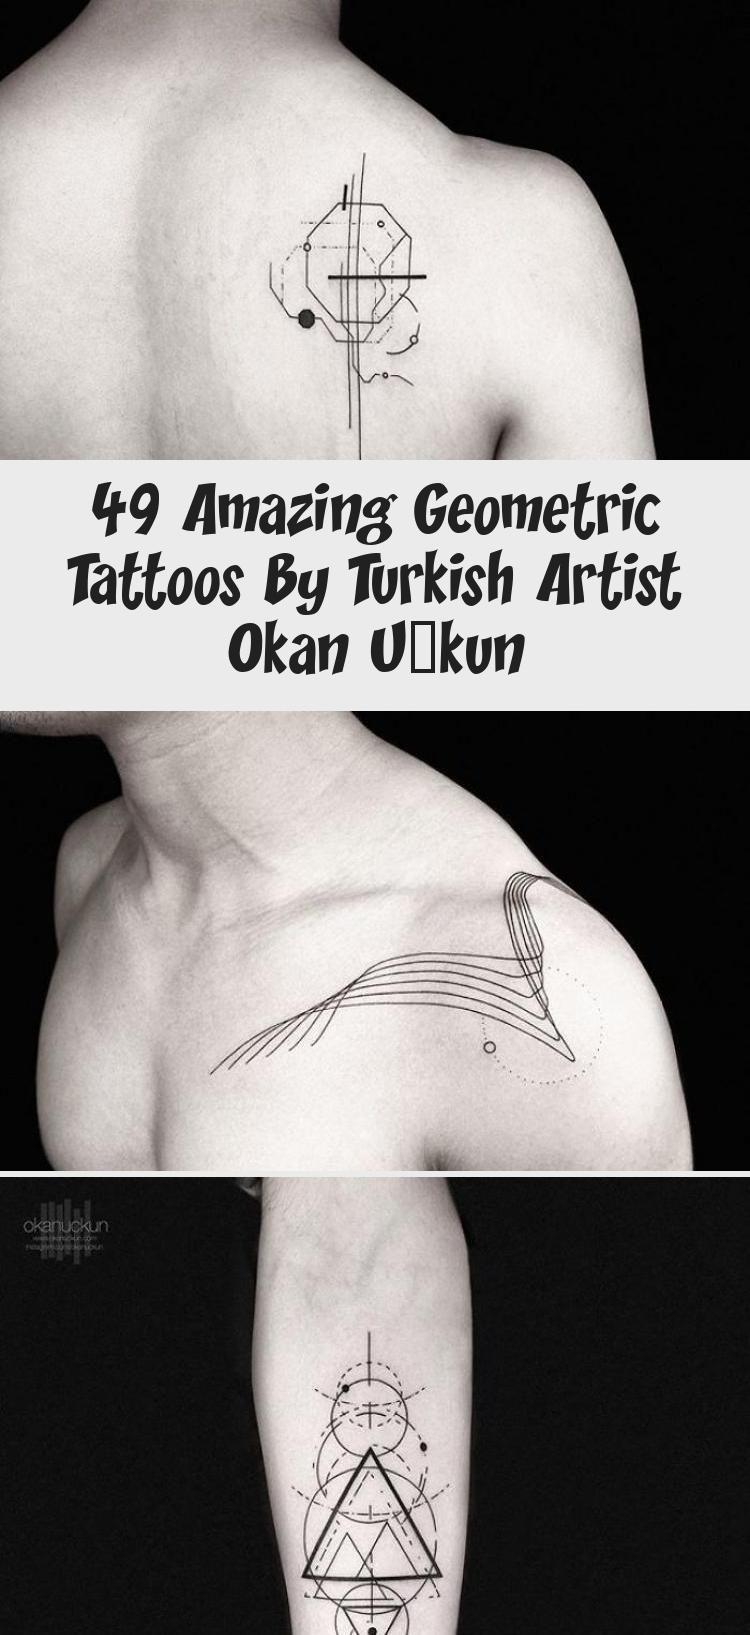 49 Amazing Geometric Tattoos By Turkish Artist Okan Uçkun  Tattoo  Artist Inspired By Nature And Geometric Shapes Creates Perfect Minimalist Tattoos